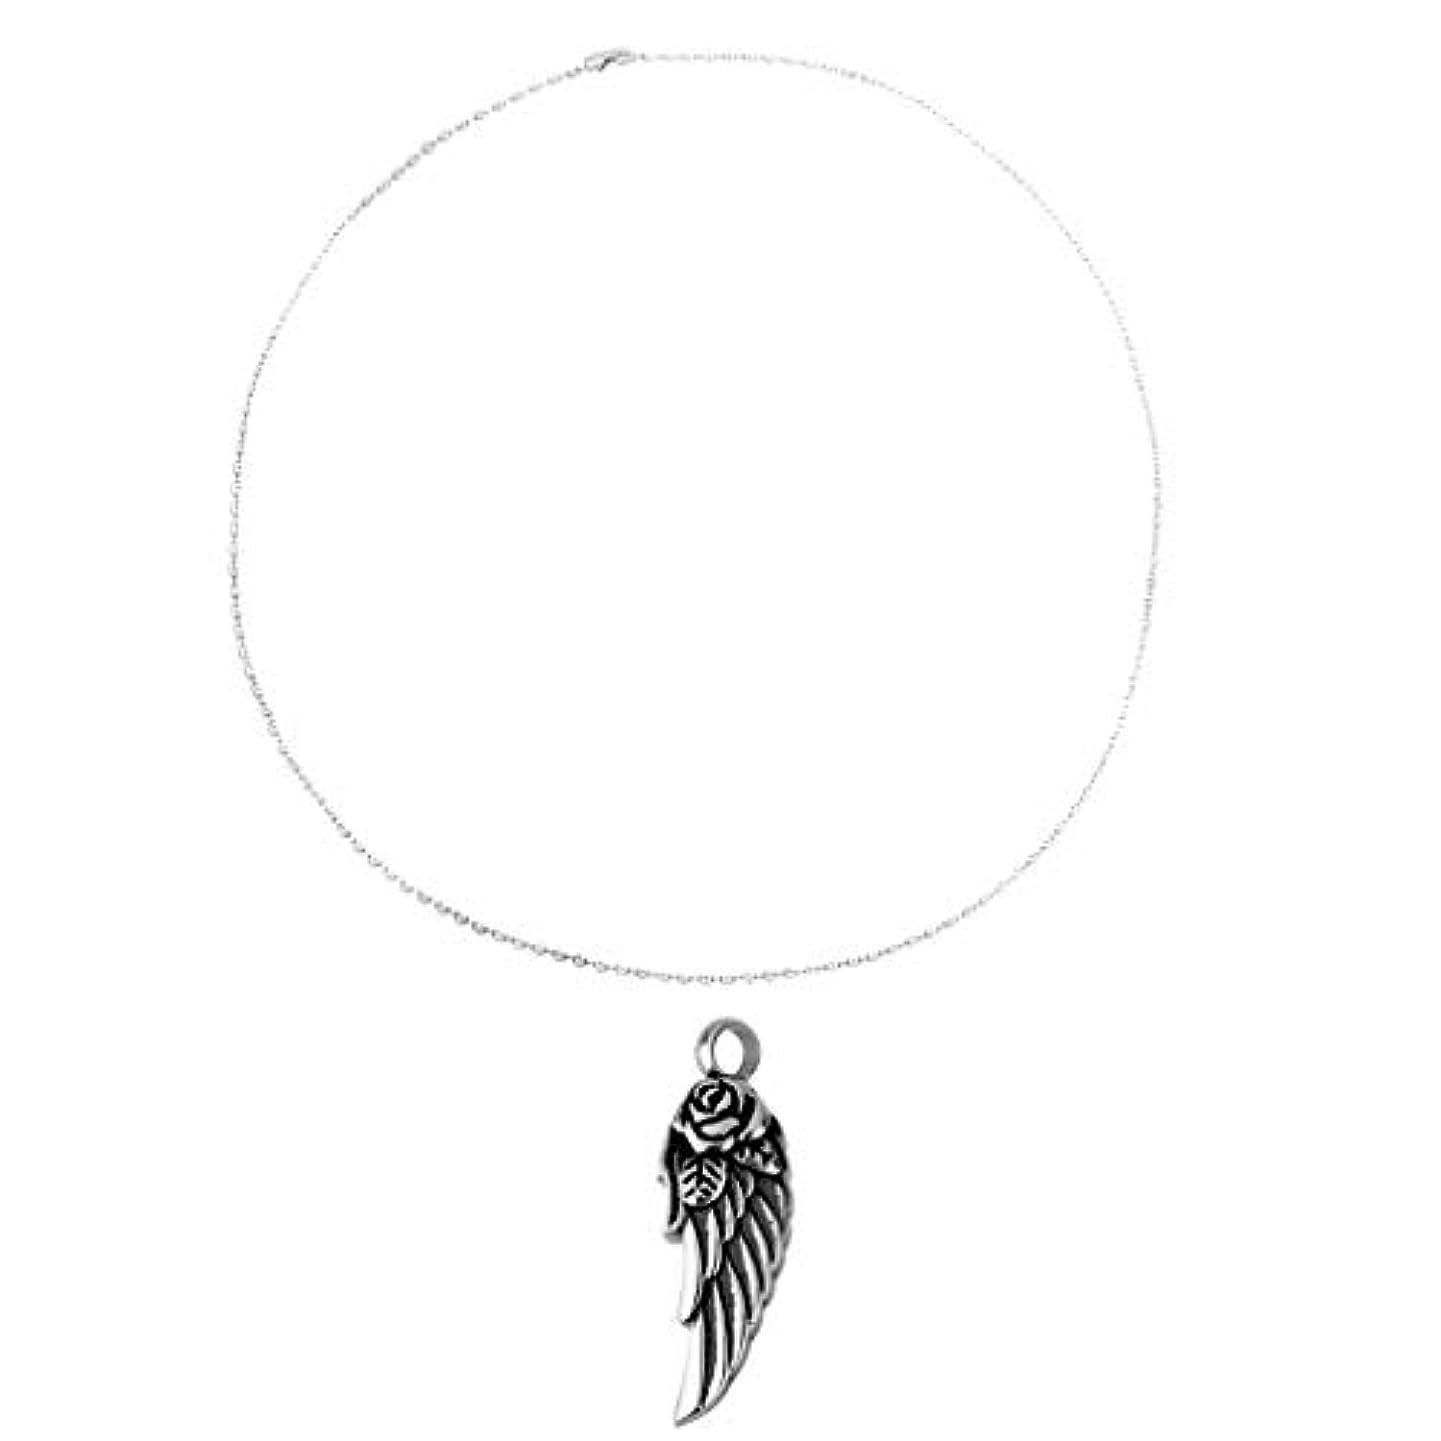 気絶させるなめらかなコロニーステンレス鋼ビーズ?チェーン?ネックレス 銀色+天使の翼の火葬記念品記念灰骨壷のネックレスのペンダントの宝石